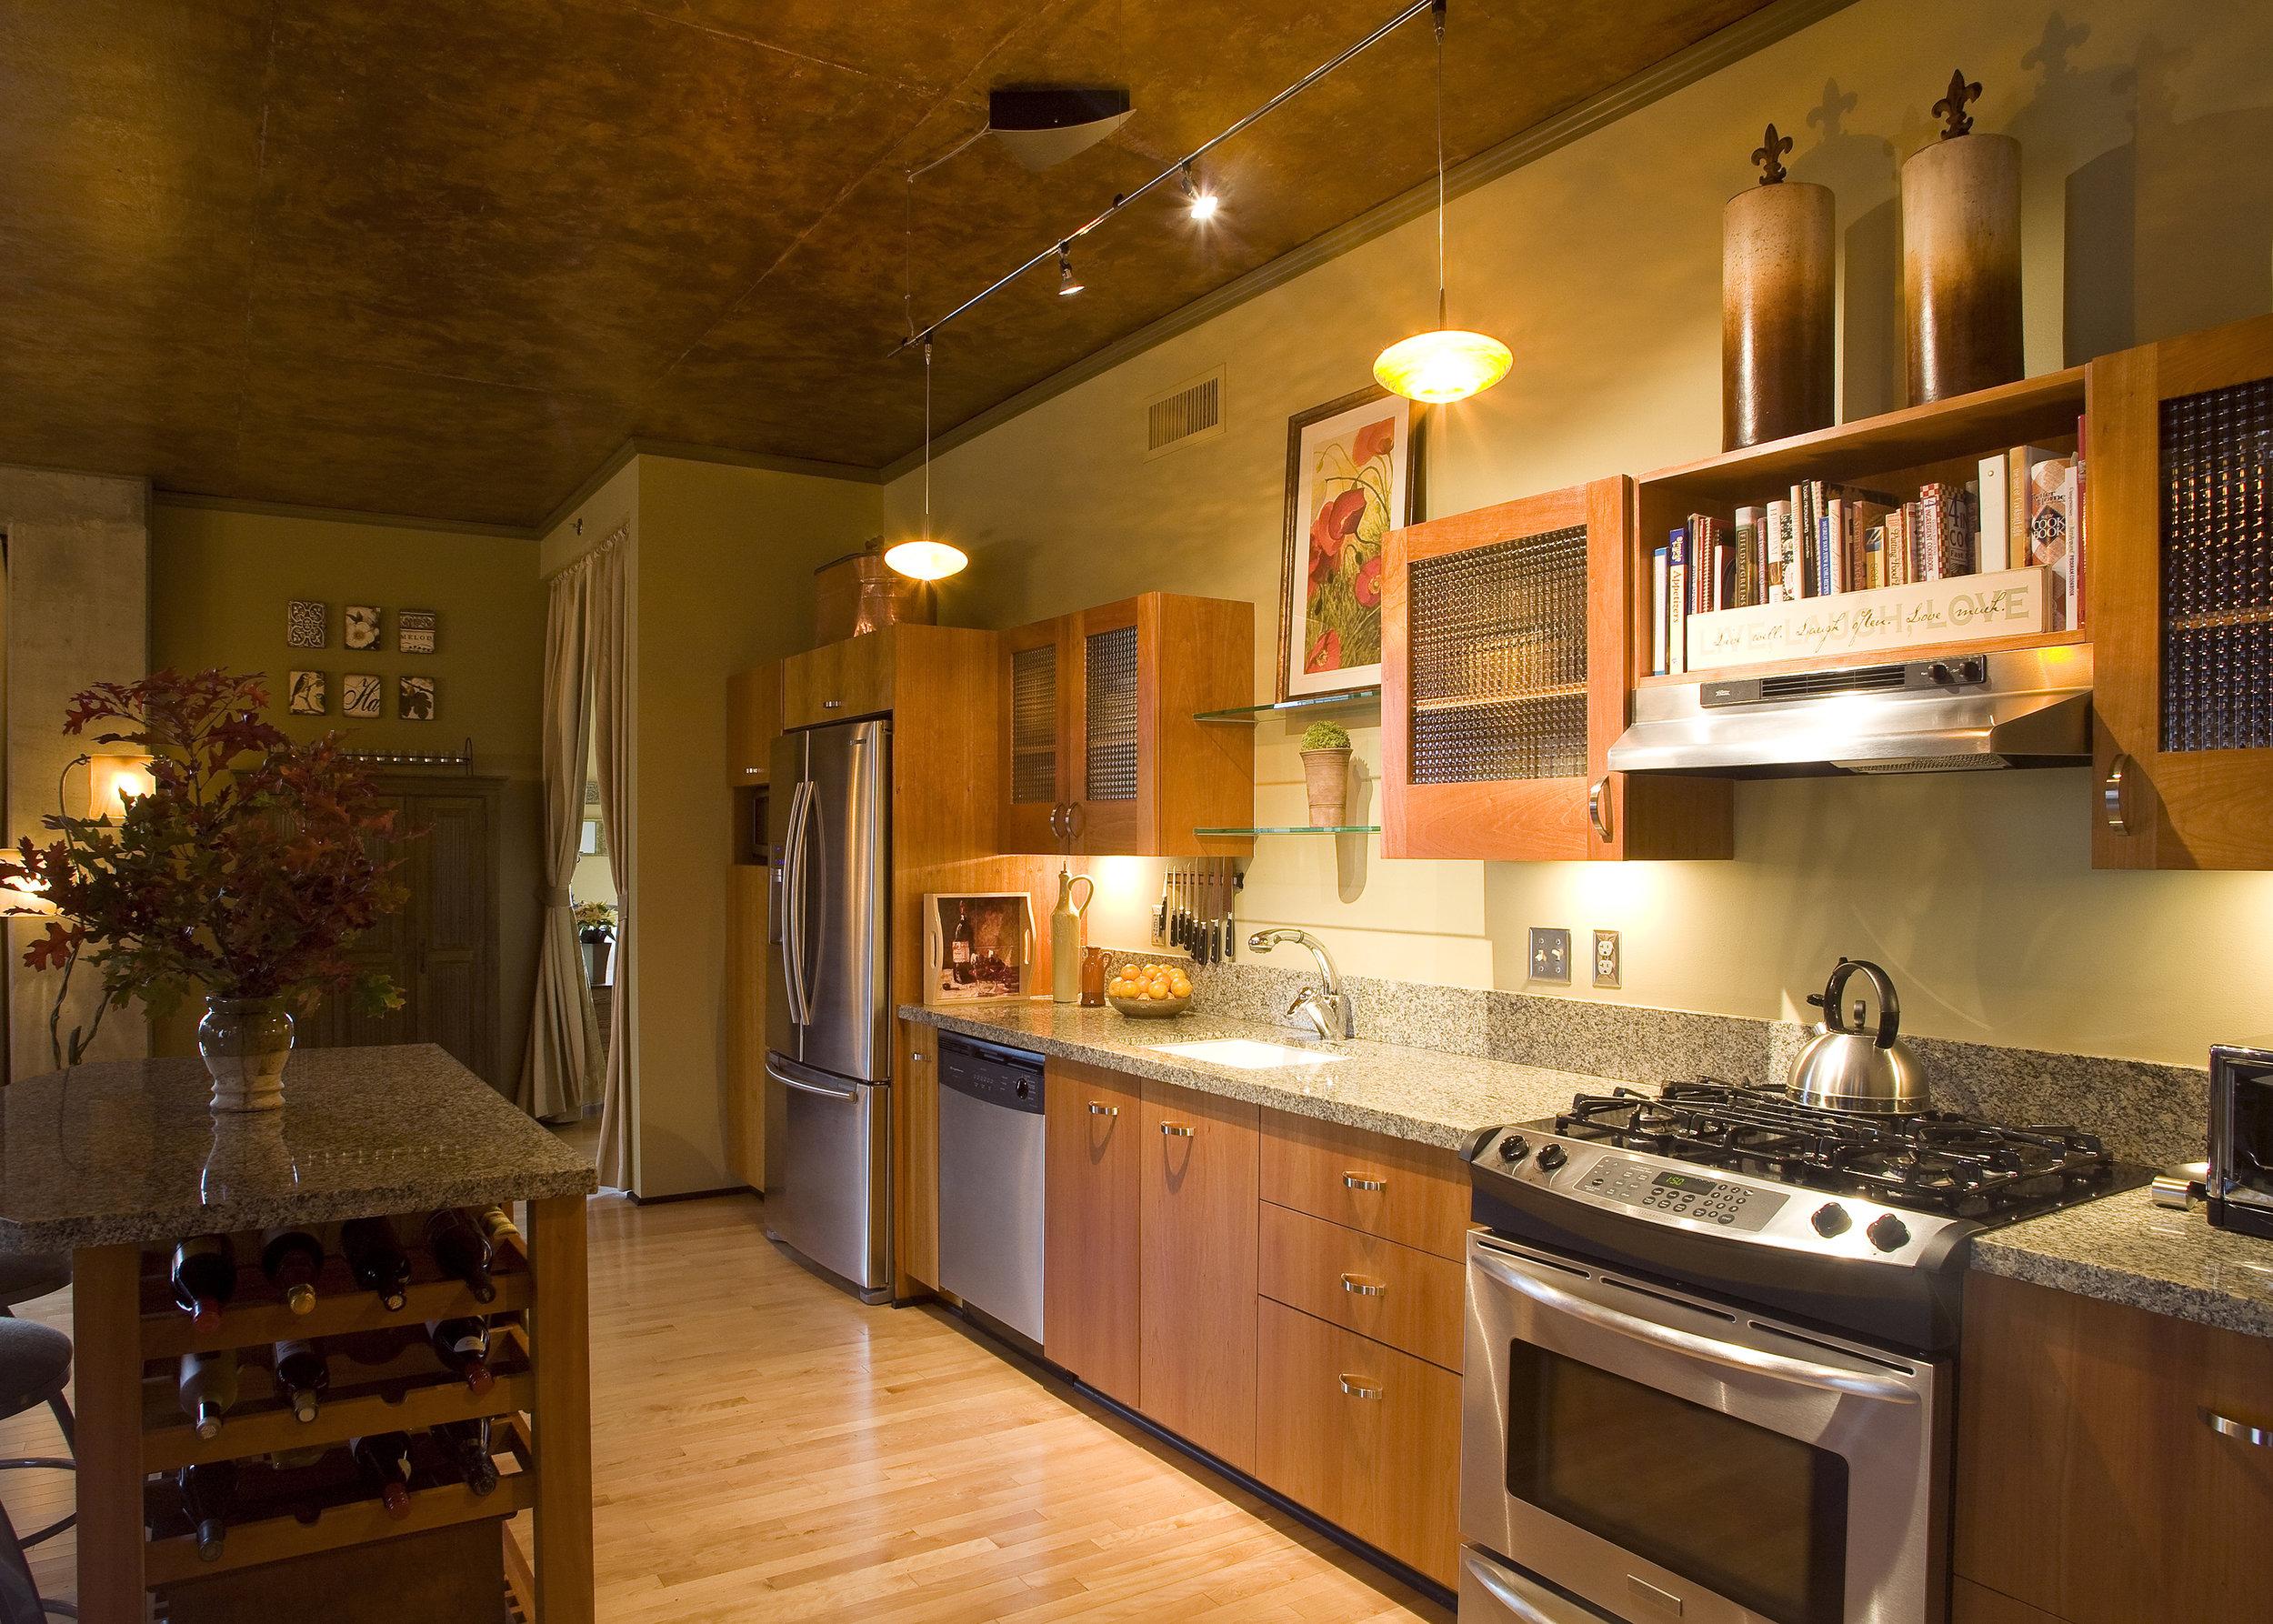 kitchen_crop.jpg